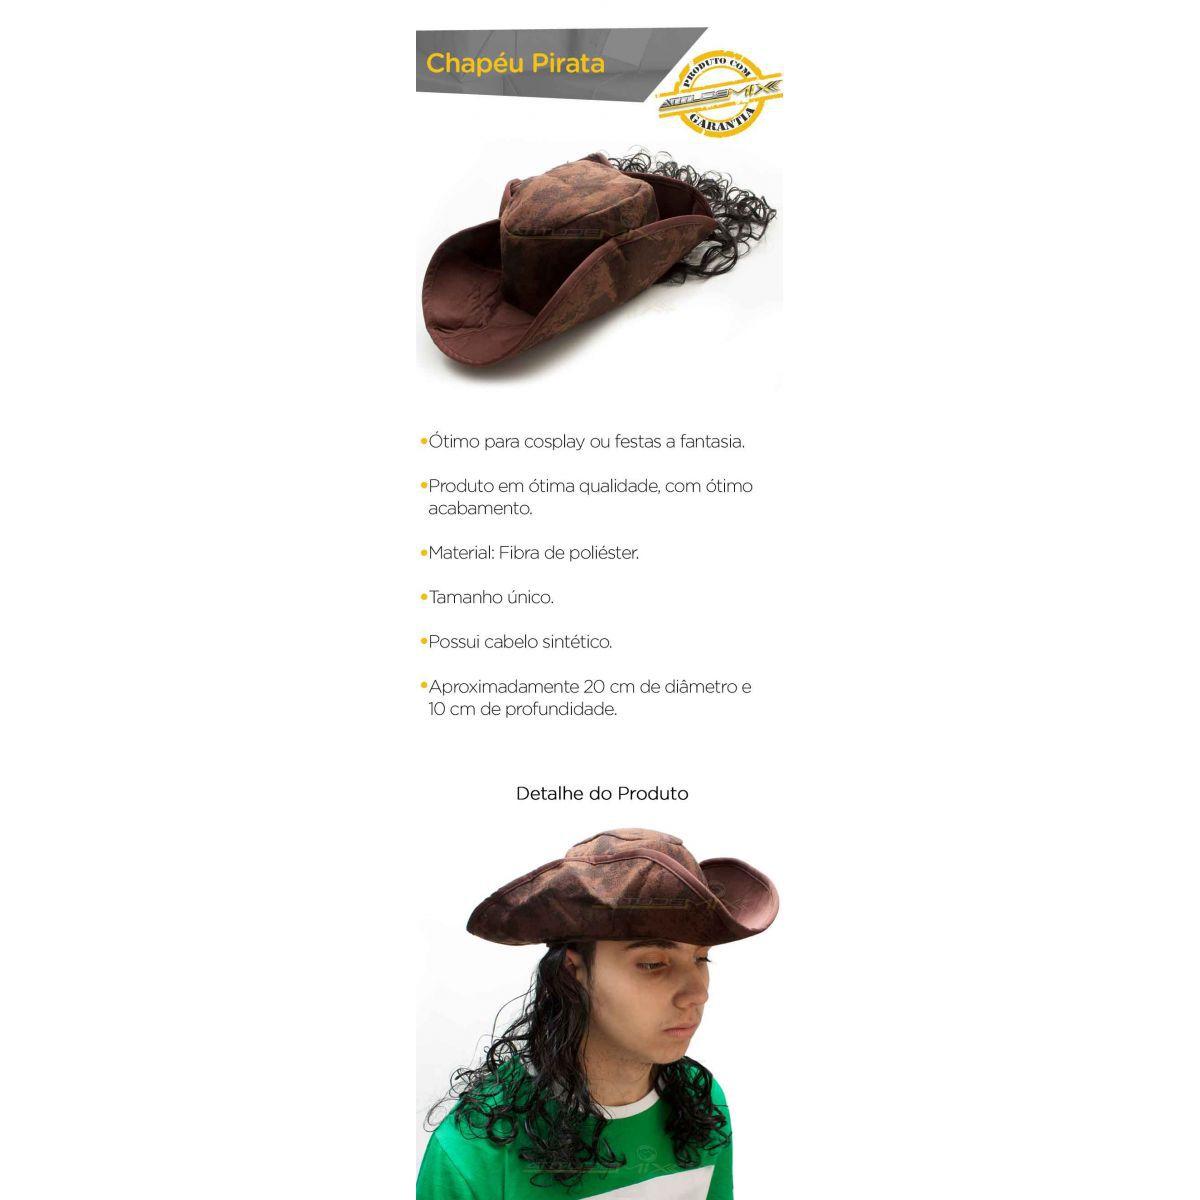 Chapéu Pirata Com Cabelo Sintético Cosplay Festa Fantasia